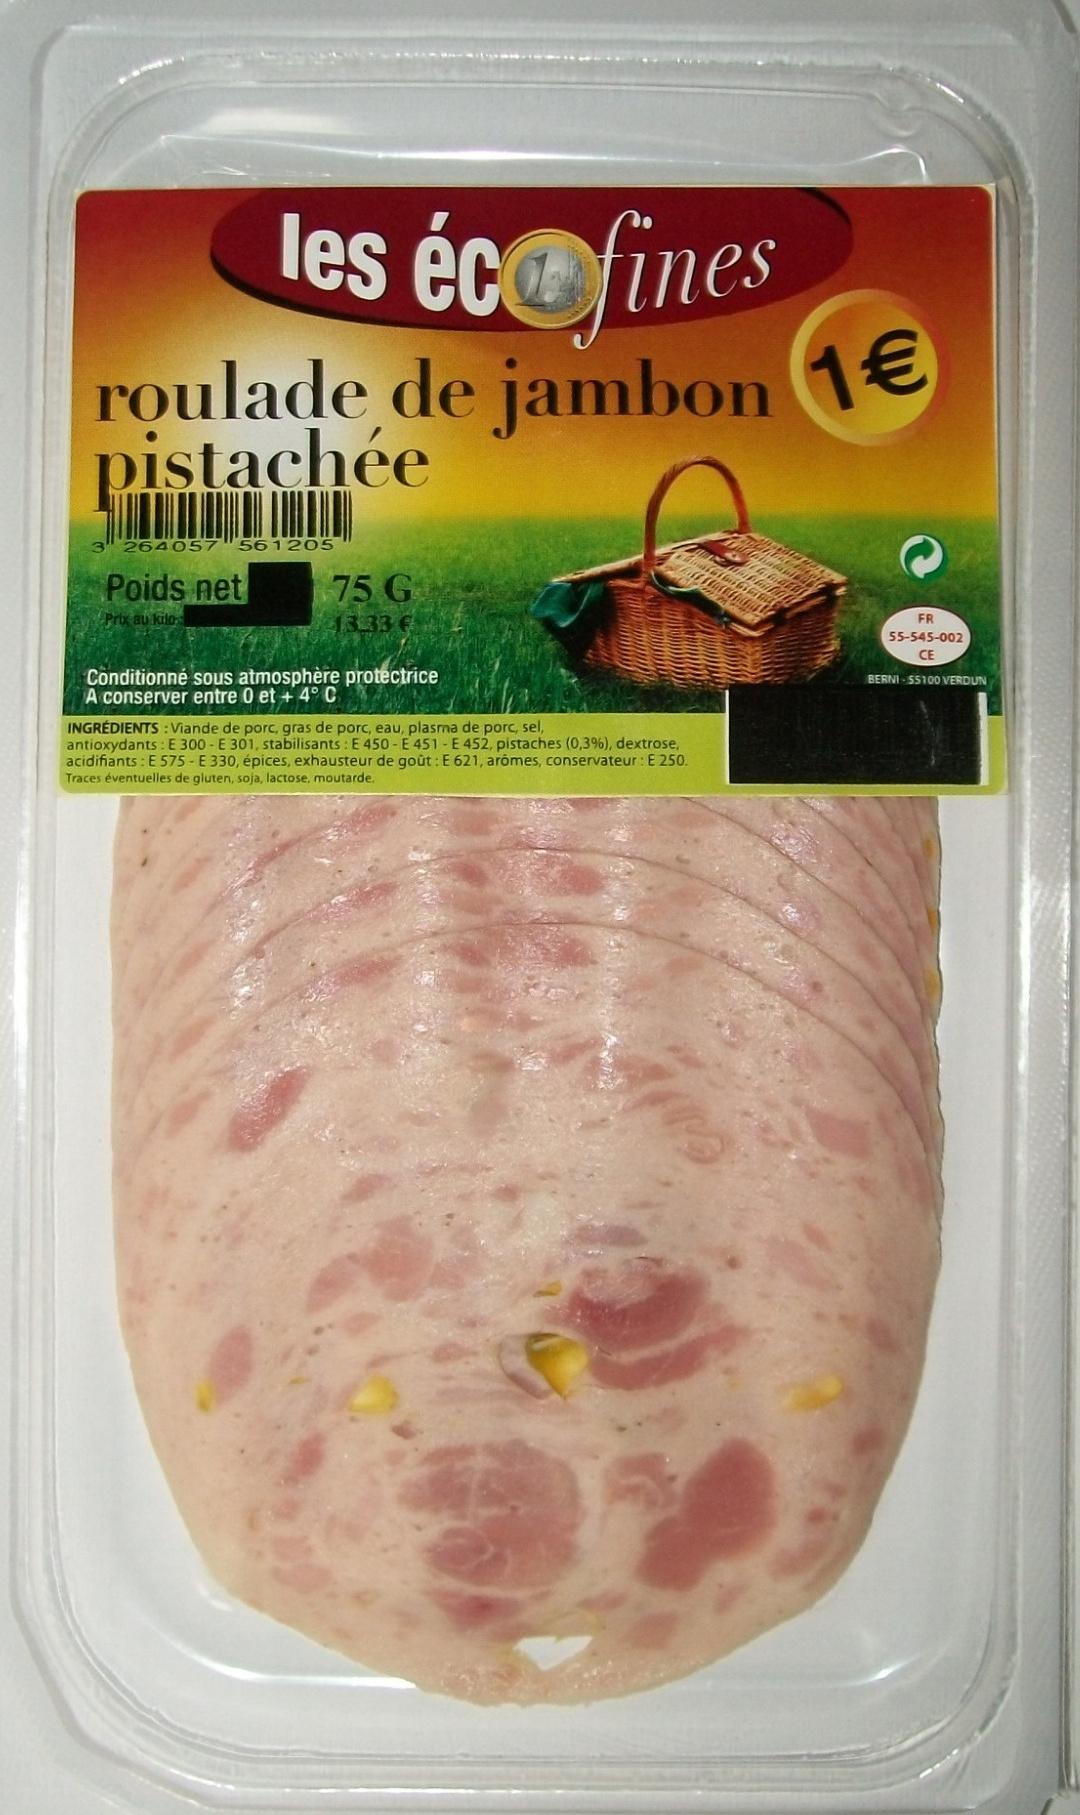 Roulade de jambon pistachée - Product - fr